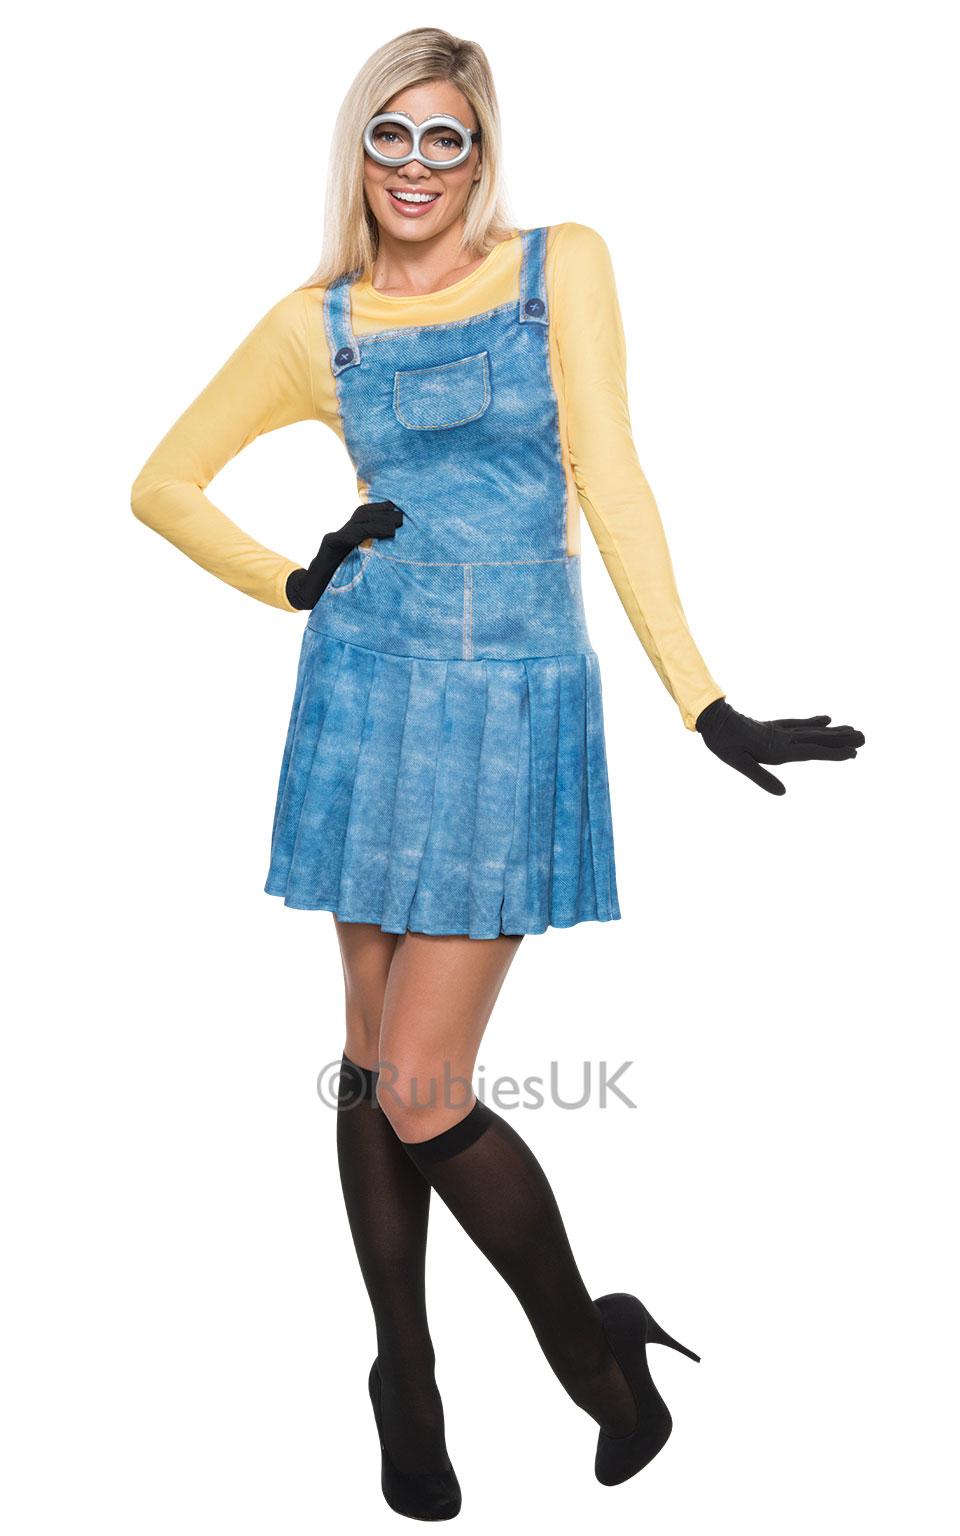 MINION WOMANS FANCY DRESS COSTUME DESPICABLE ME MOVIE